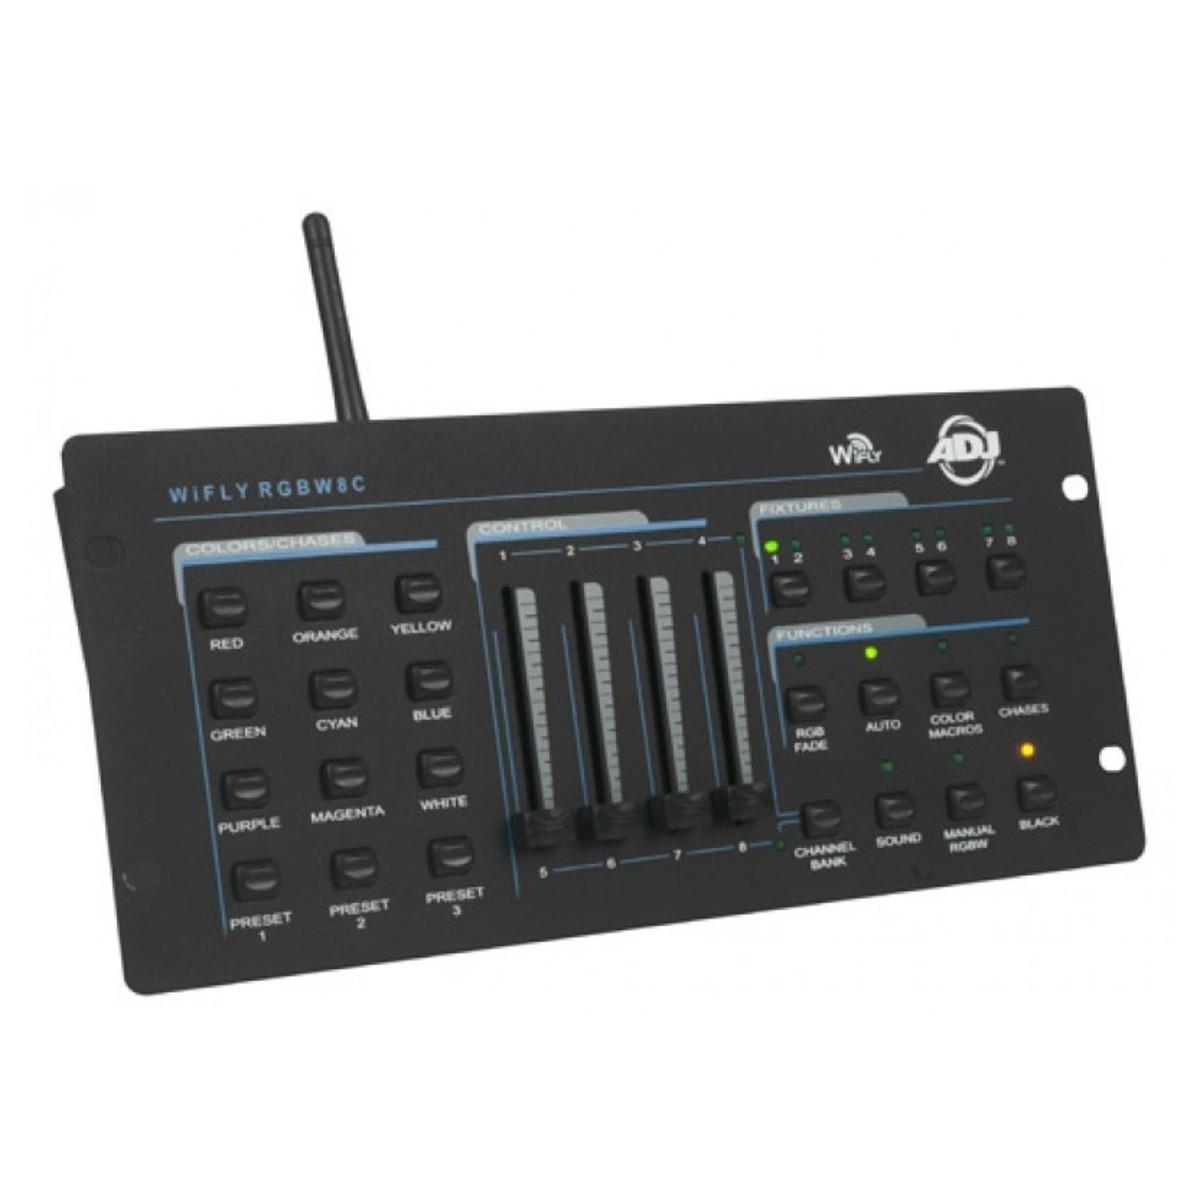 ADJ WiFly RGBW8C Wireless DMX Controller bei Gear4music